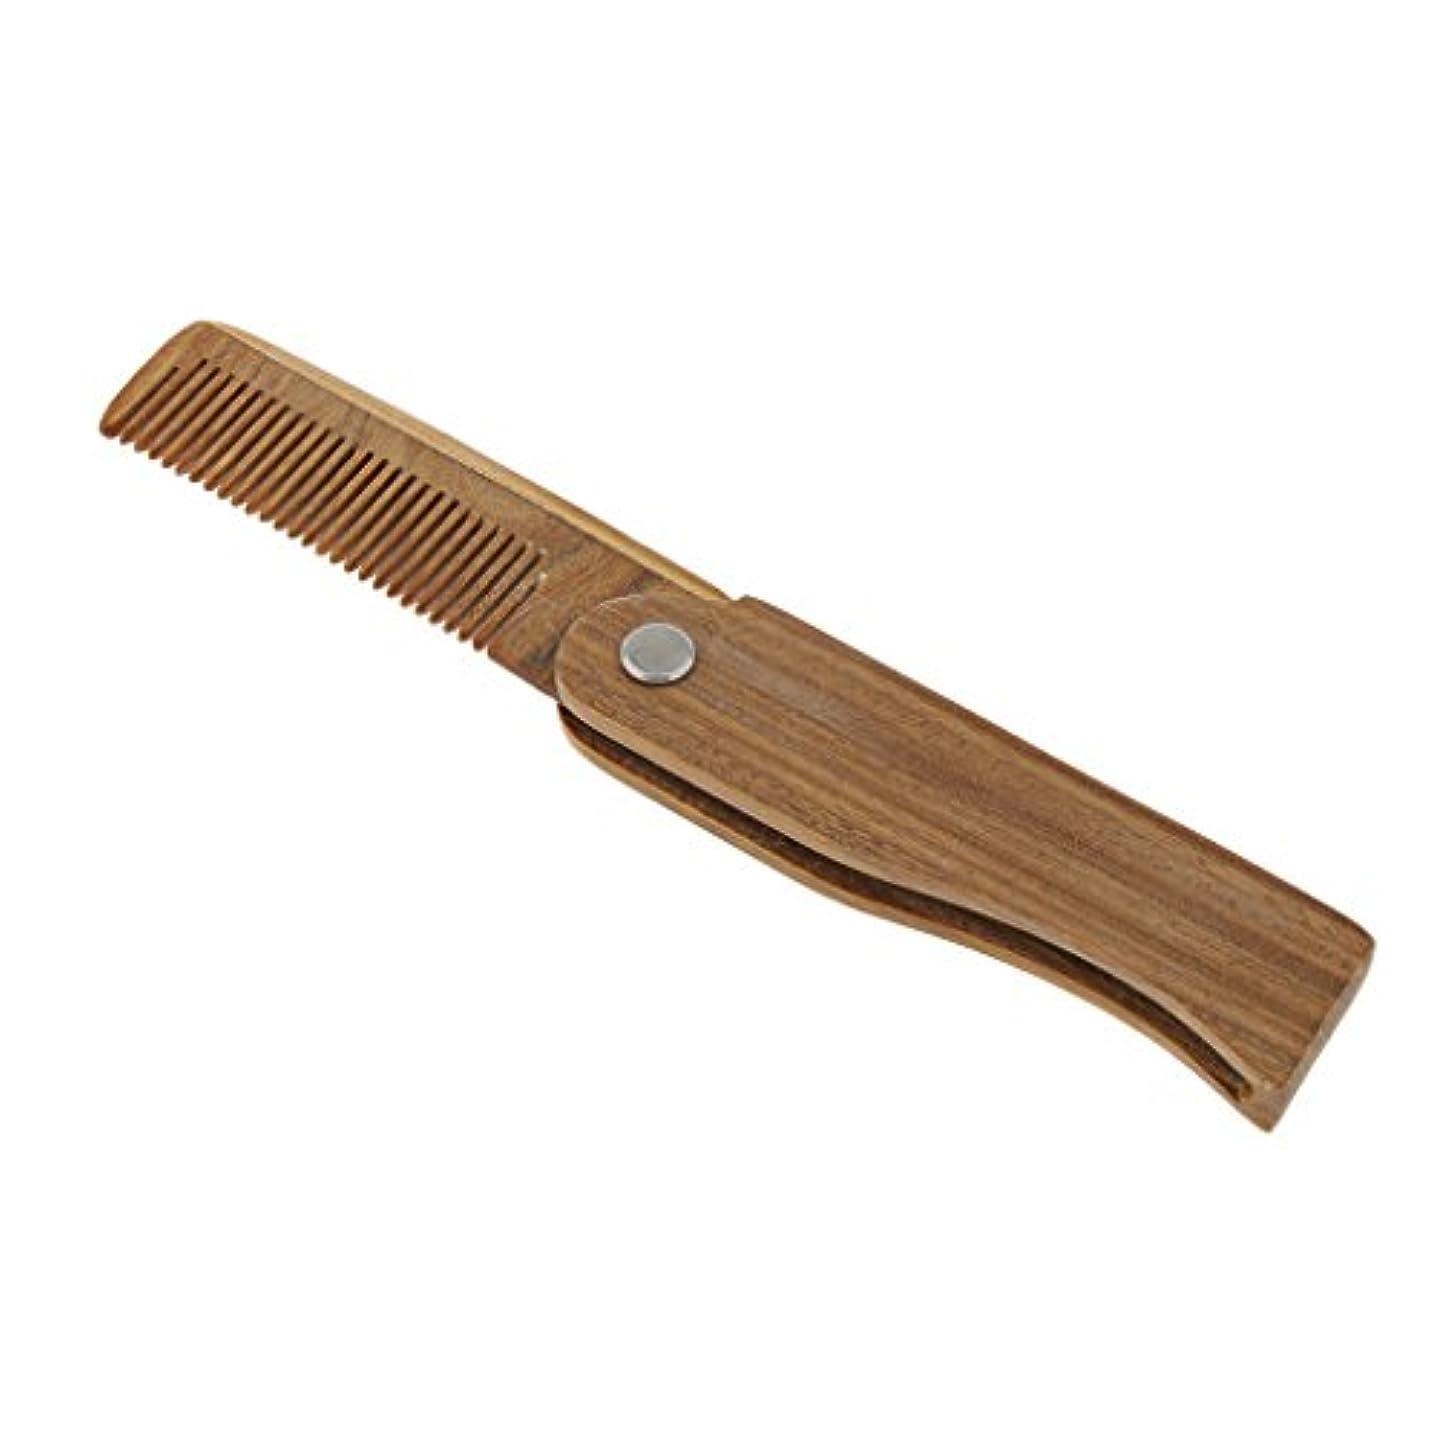 彼女騒々しいどきどきFenteer 木製櫛 ヘアブラシ ヘアコーム ポケットサイズ 折り畳み式 ひげ櫛 2タイプ選べる - B